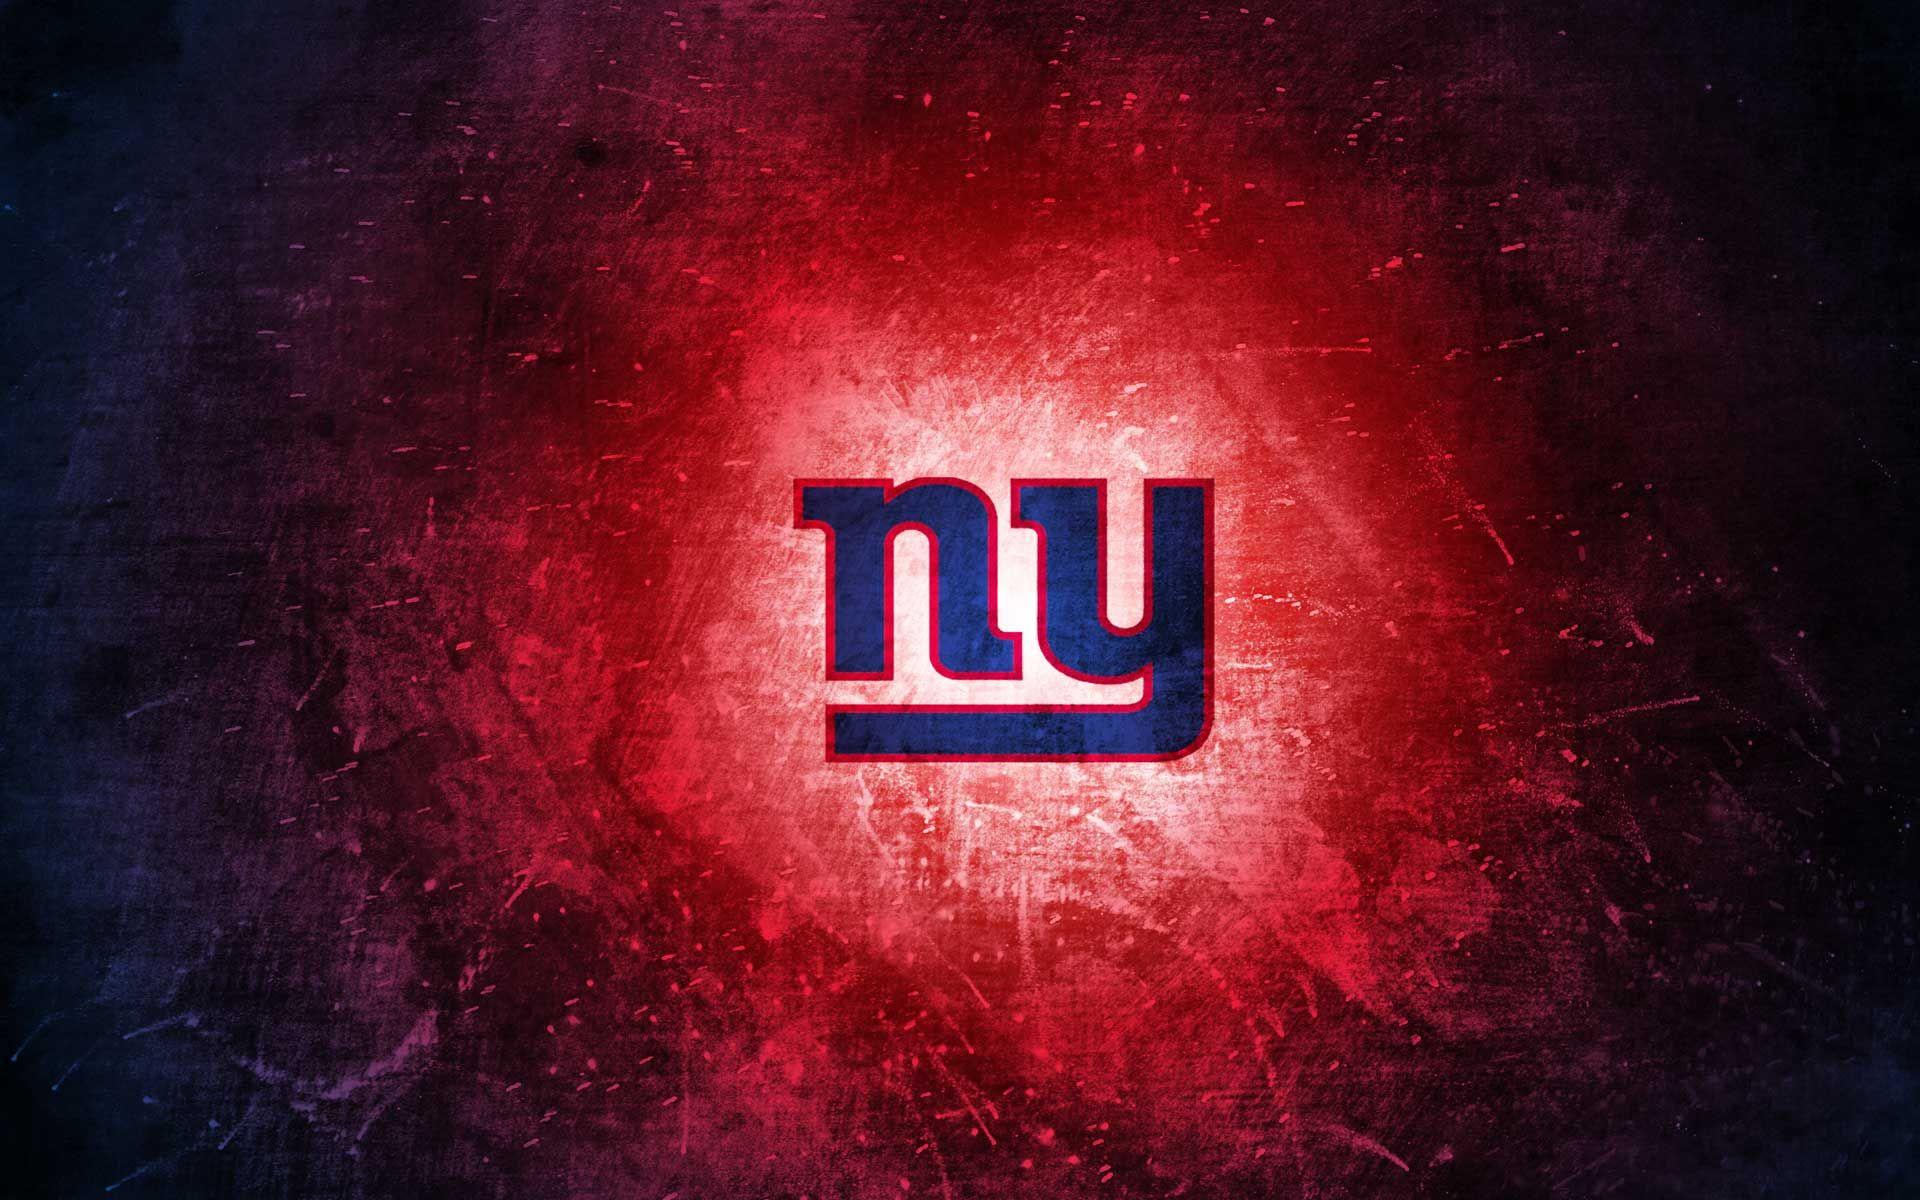 Ny Football Giants New York Giants Football New York Giants Logo New York Giants